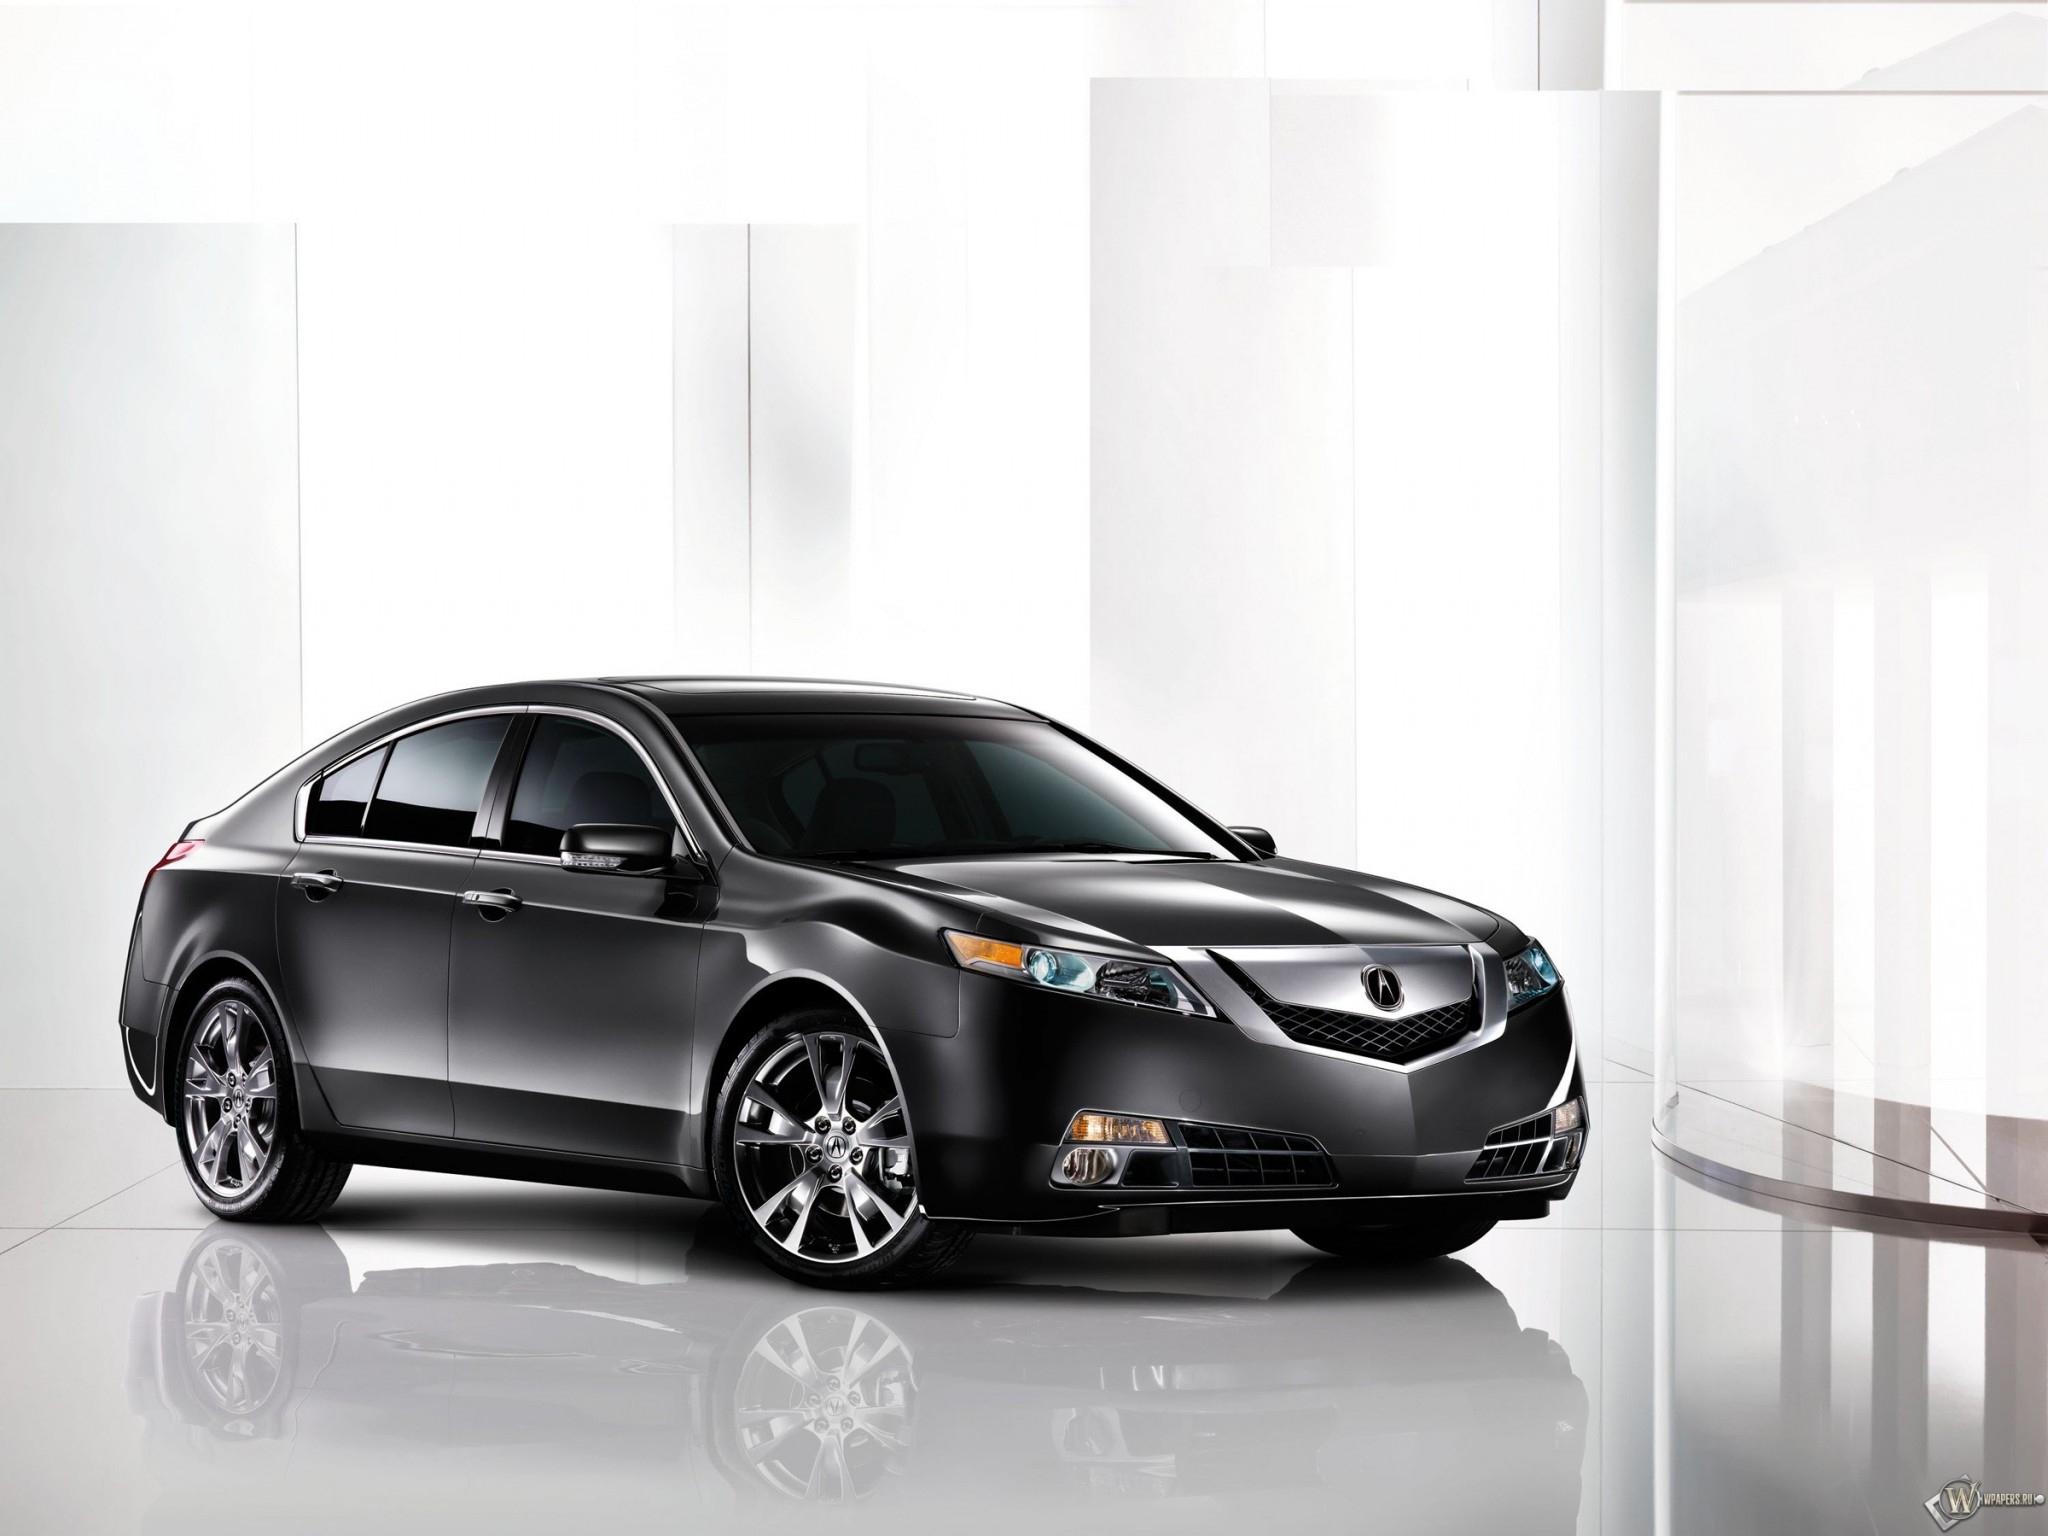 Acura TL (2009) 2048x1536